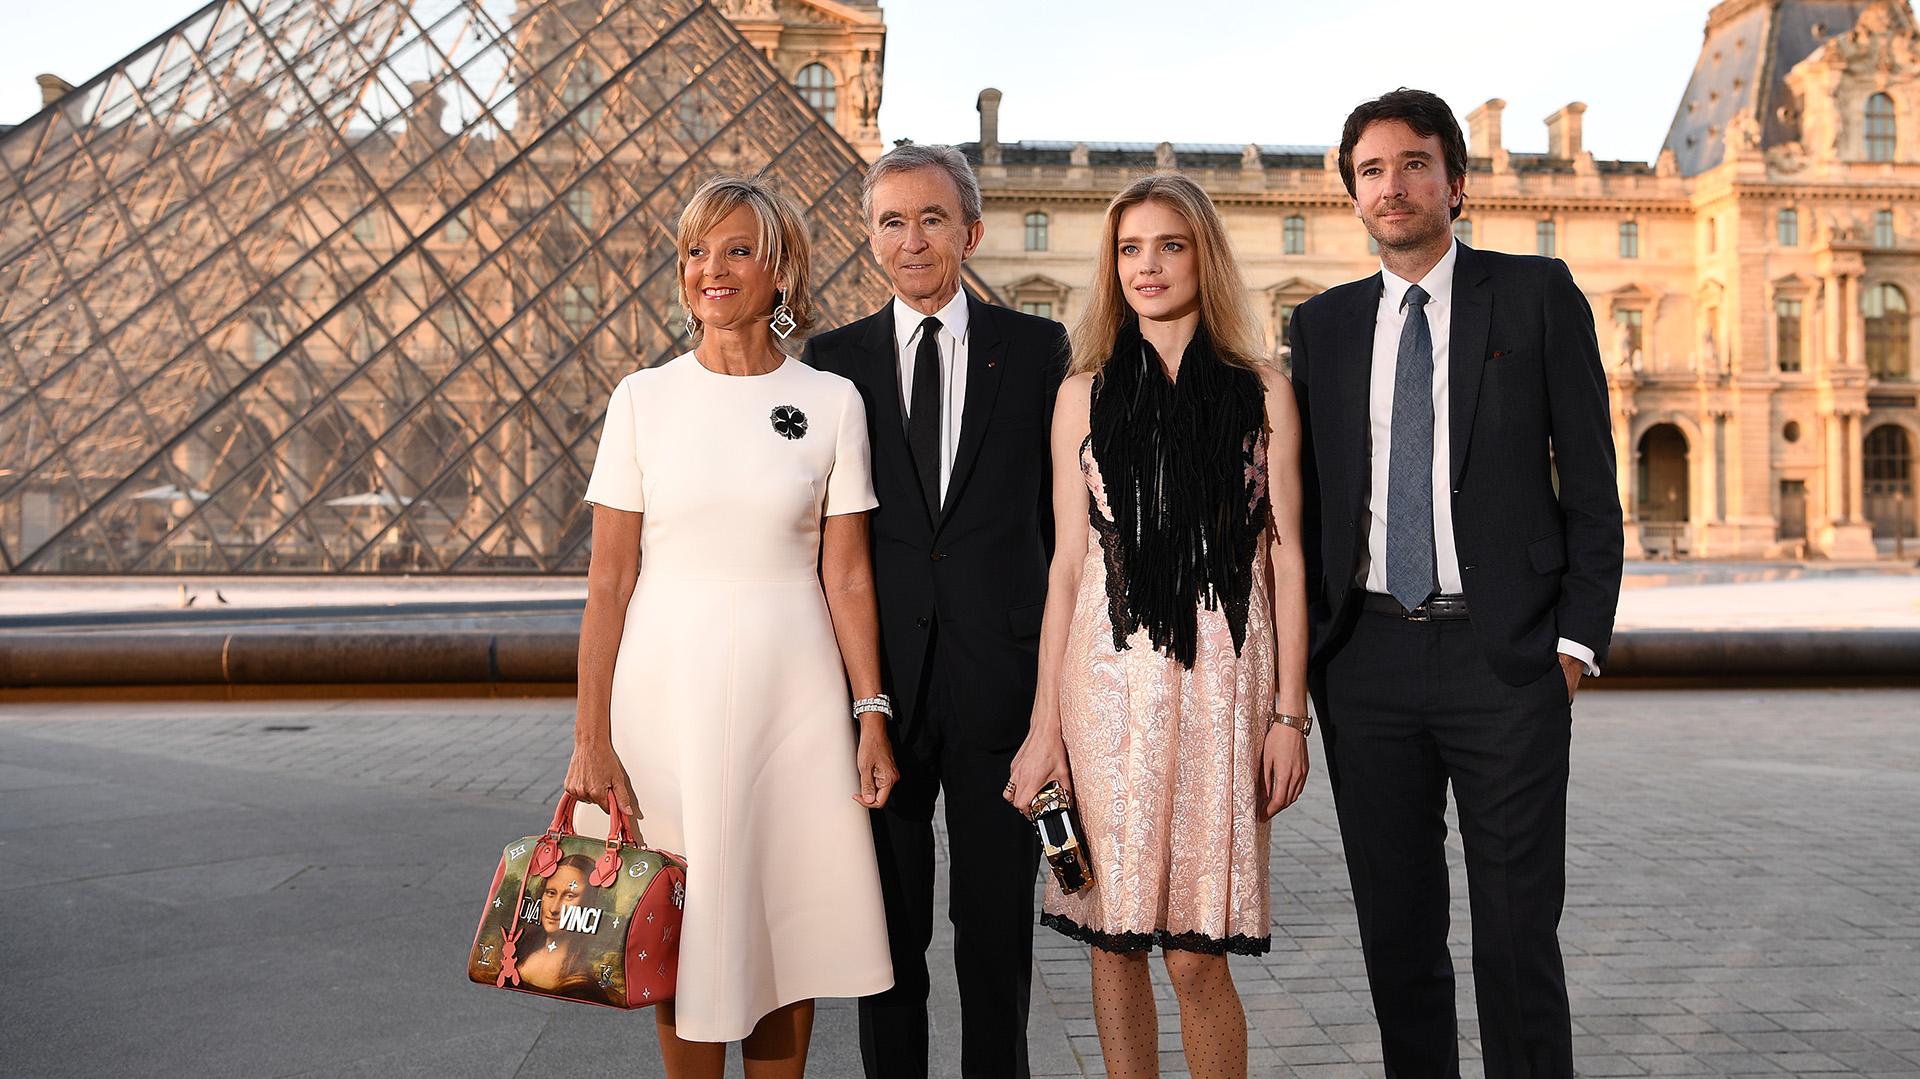 El CEO de LVMH, Bernard Arnault; su esposa, la pianista francesa Helene Mercier-Arnault; su hijo Antoine Arnault y su mujer, la modelo rusa Natalia Vodianova